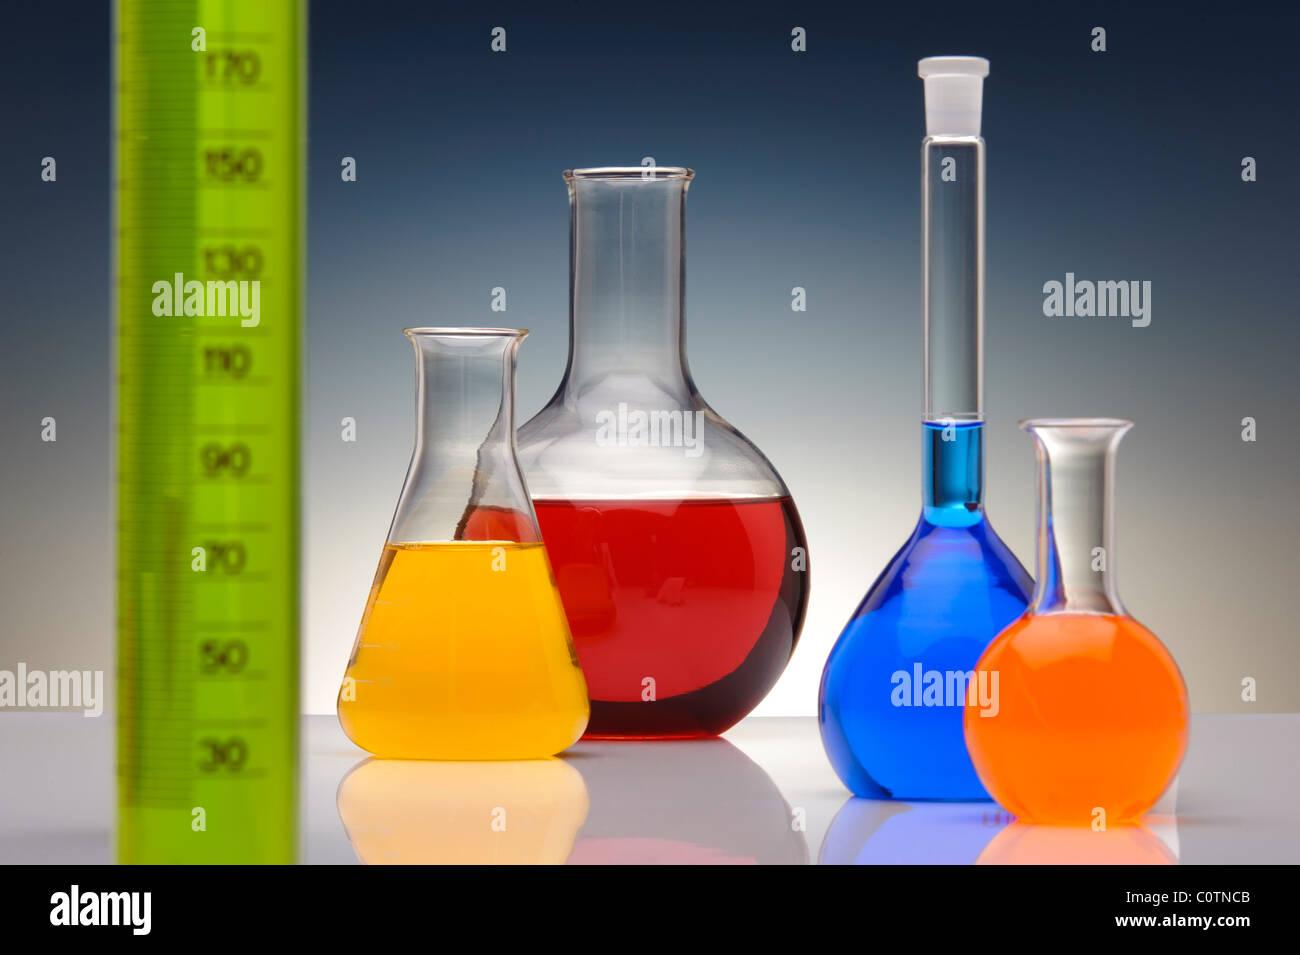 Material de vidrio de laboratorio de química Imagen De Stock